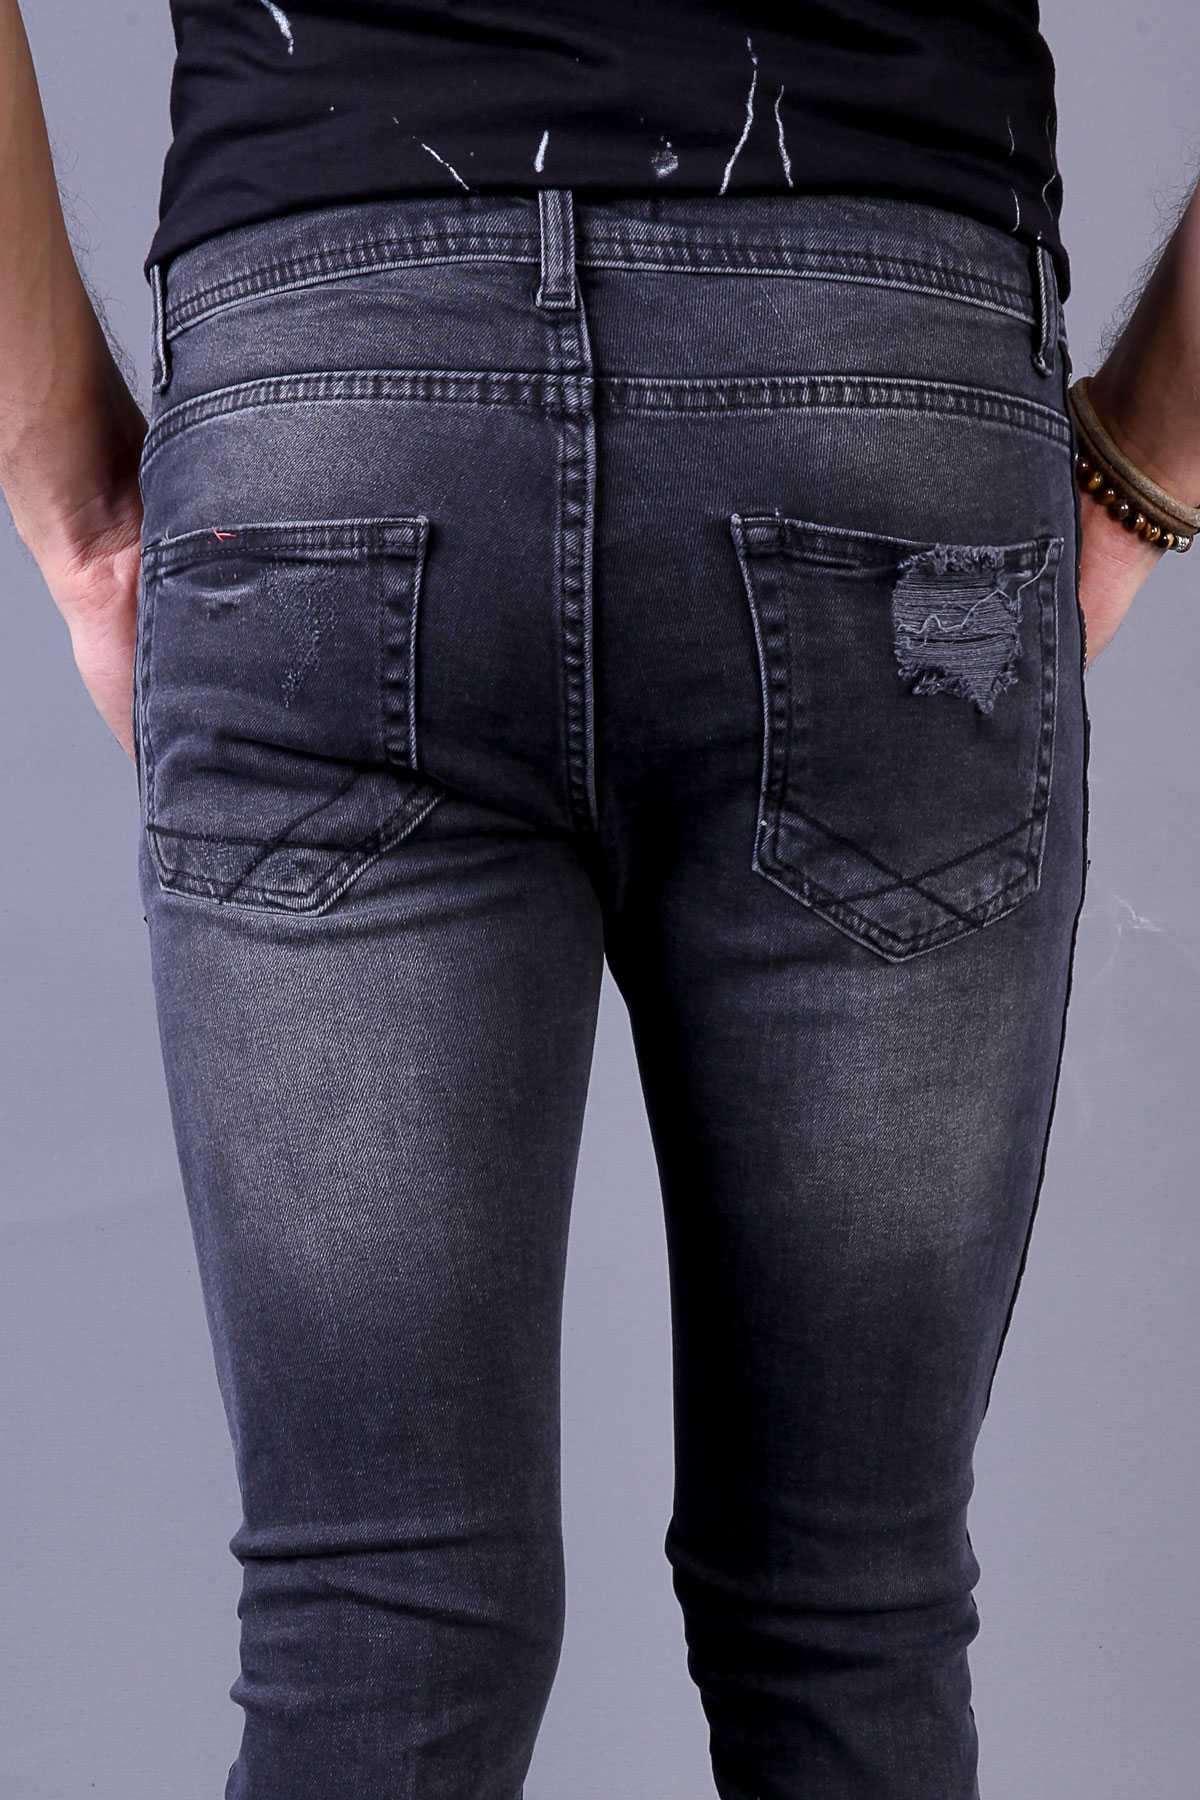 Paçası Yazılı Fermuarlı Dizleri Yırtık Slim Fit Kot Pantolon Antrasit